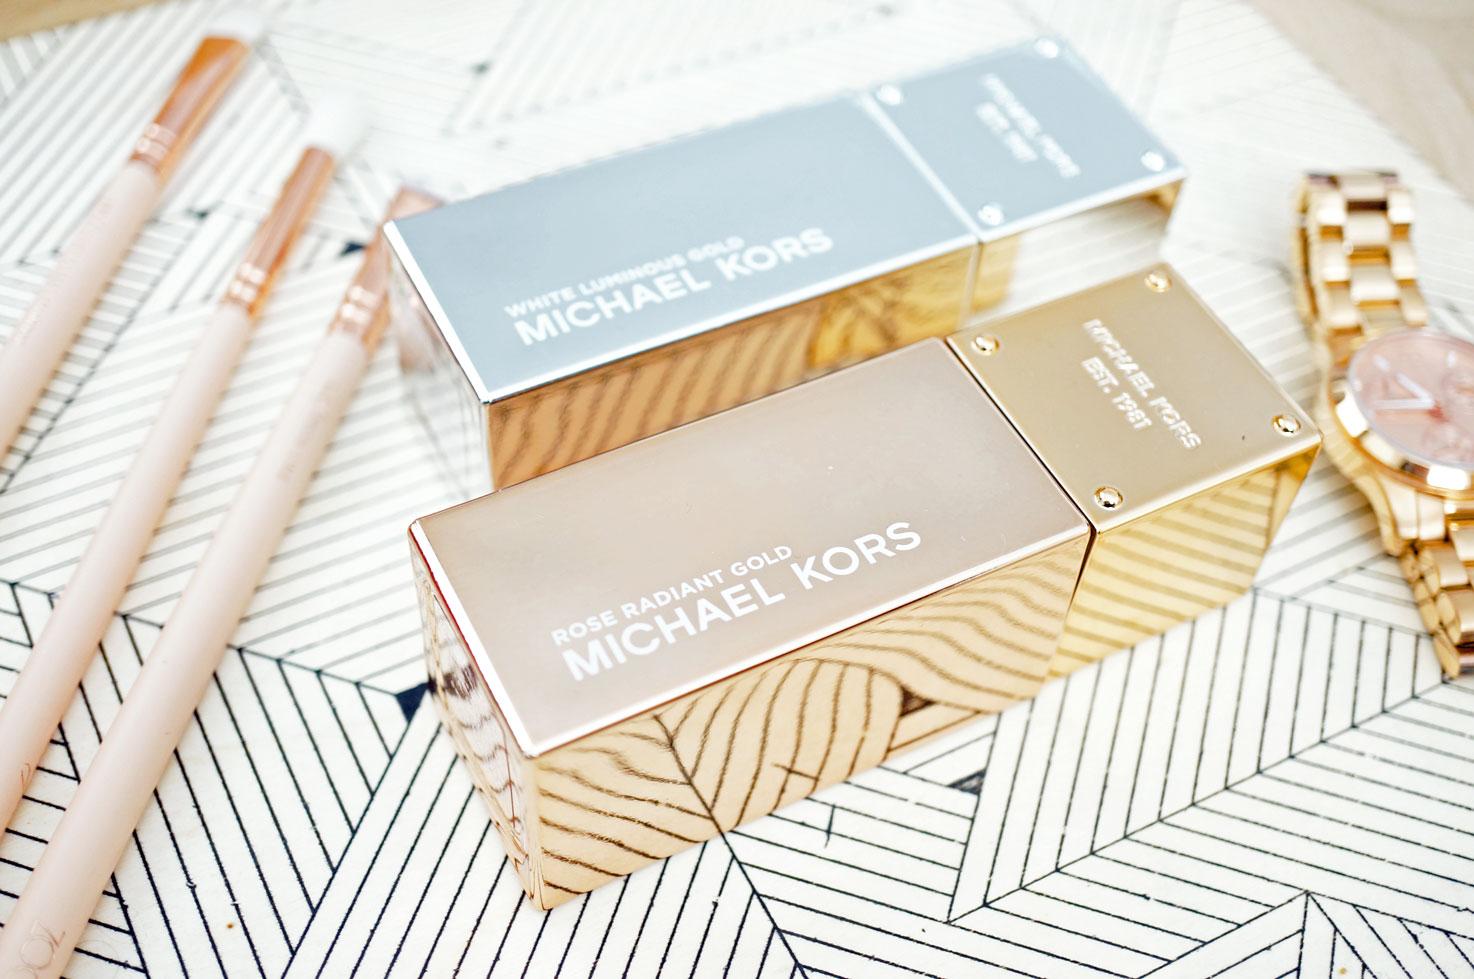 michael kors the gold fragrance collection thou shalt not covet. Black Bedroom Furniture Sets. Home Design Ideas